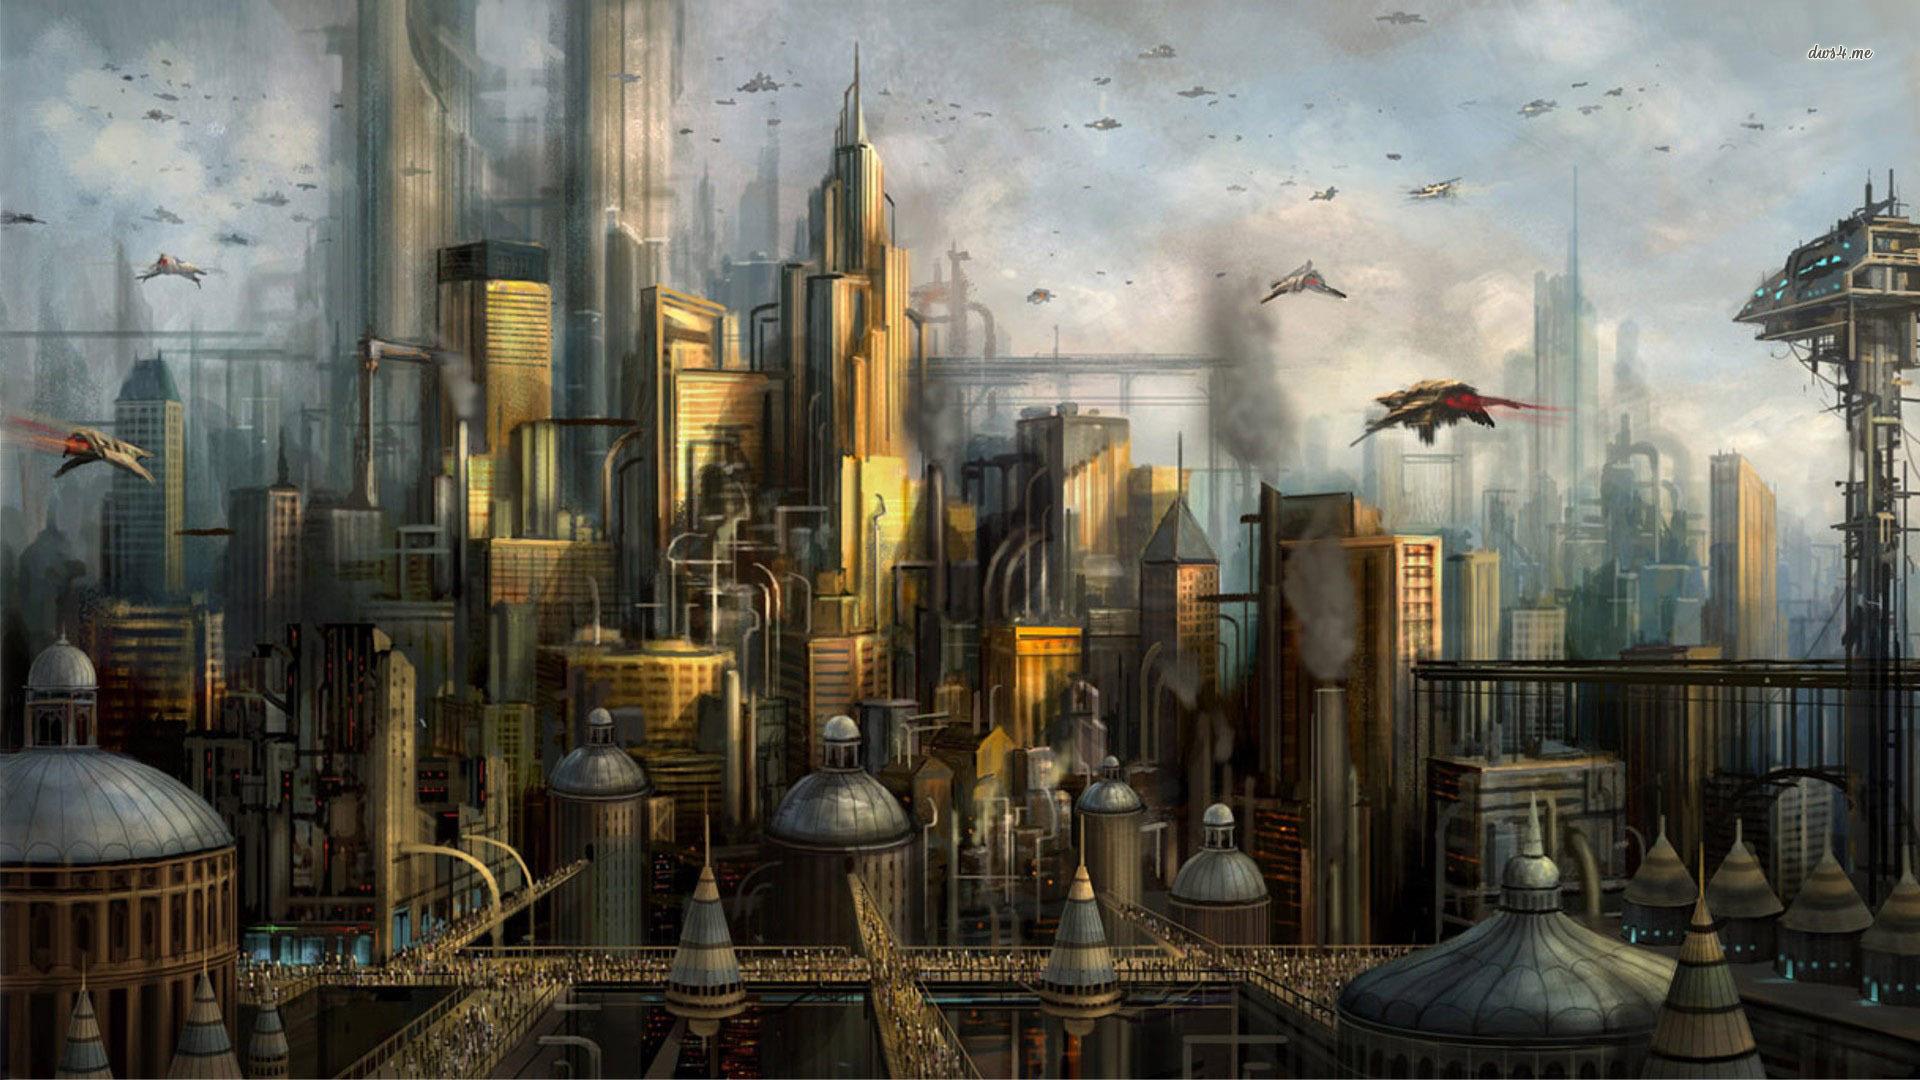 Futuristic City Wallpaper Hd: Futuristic City Wallpaper 1920x1080